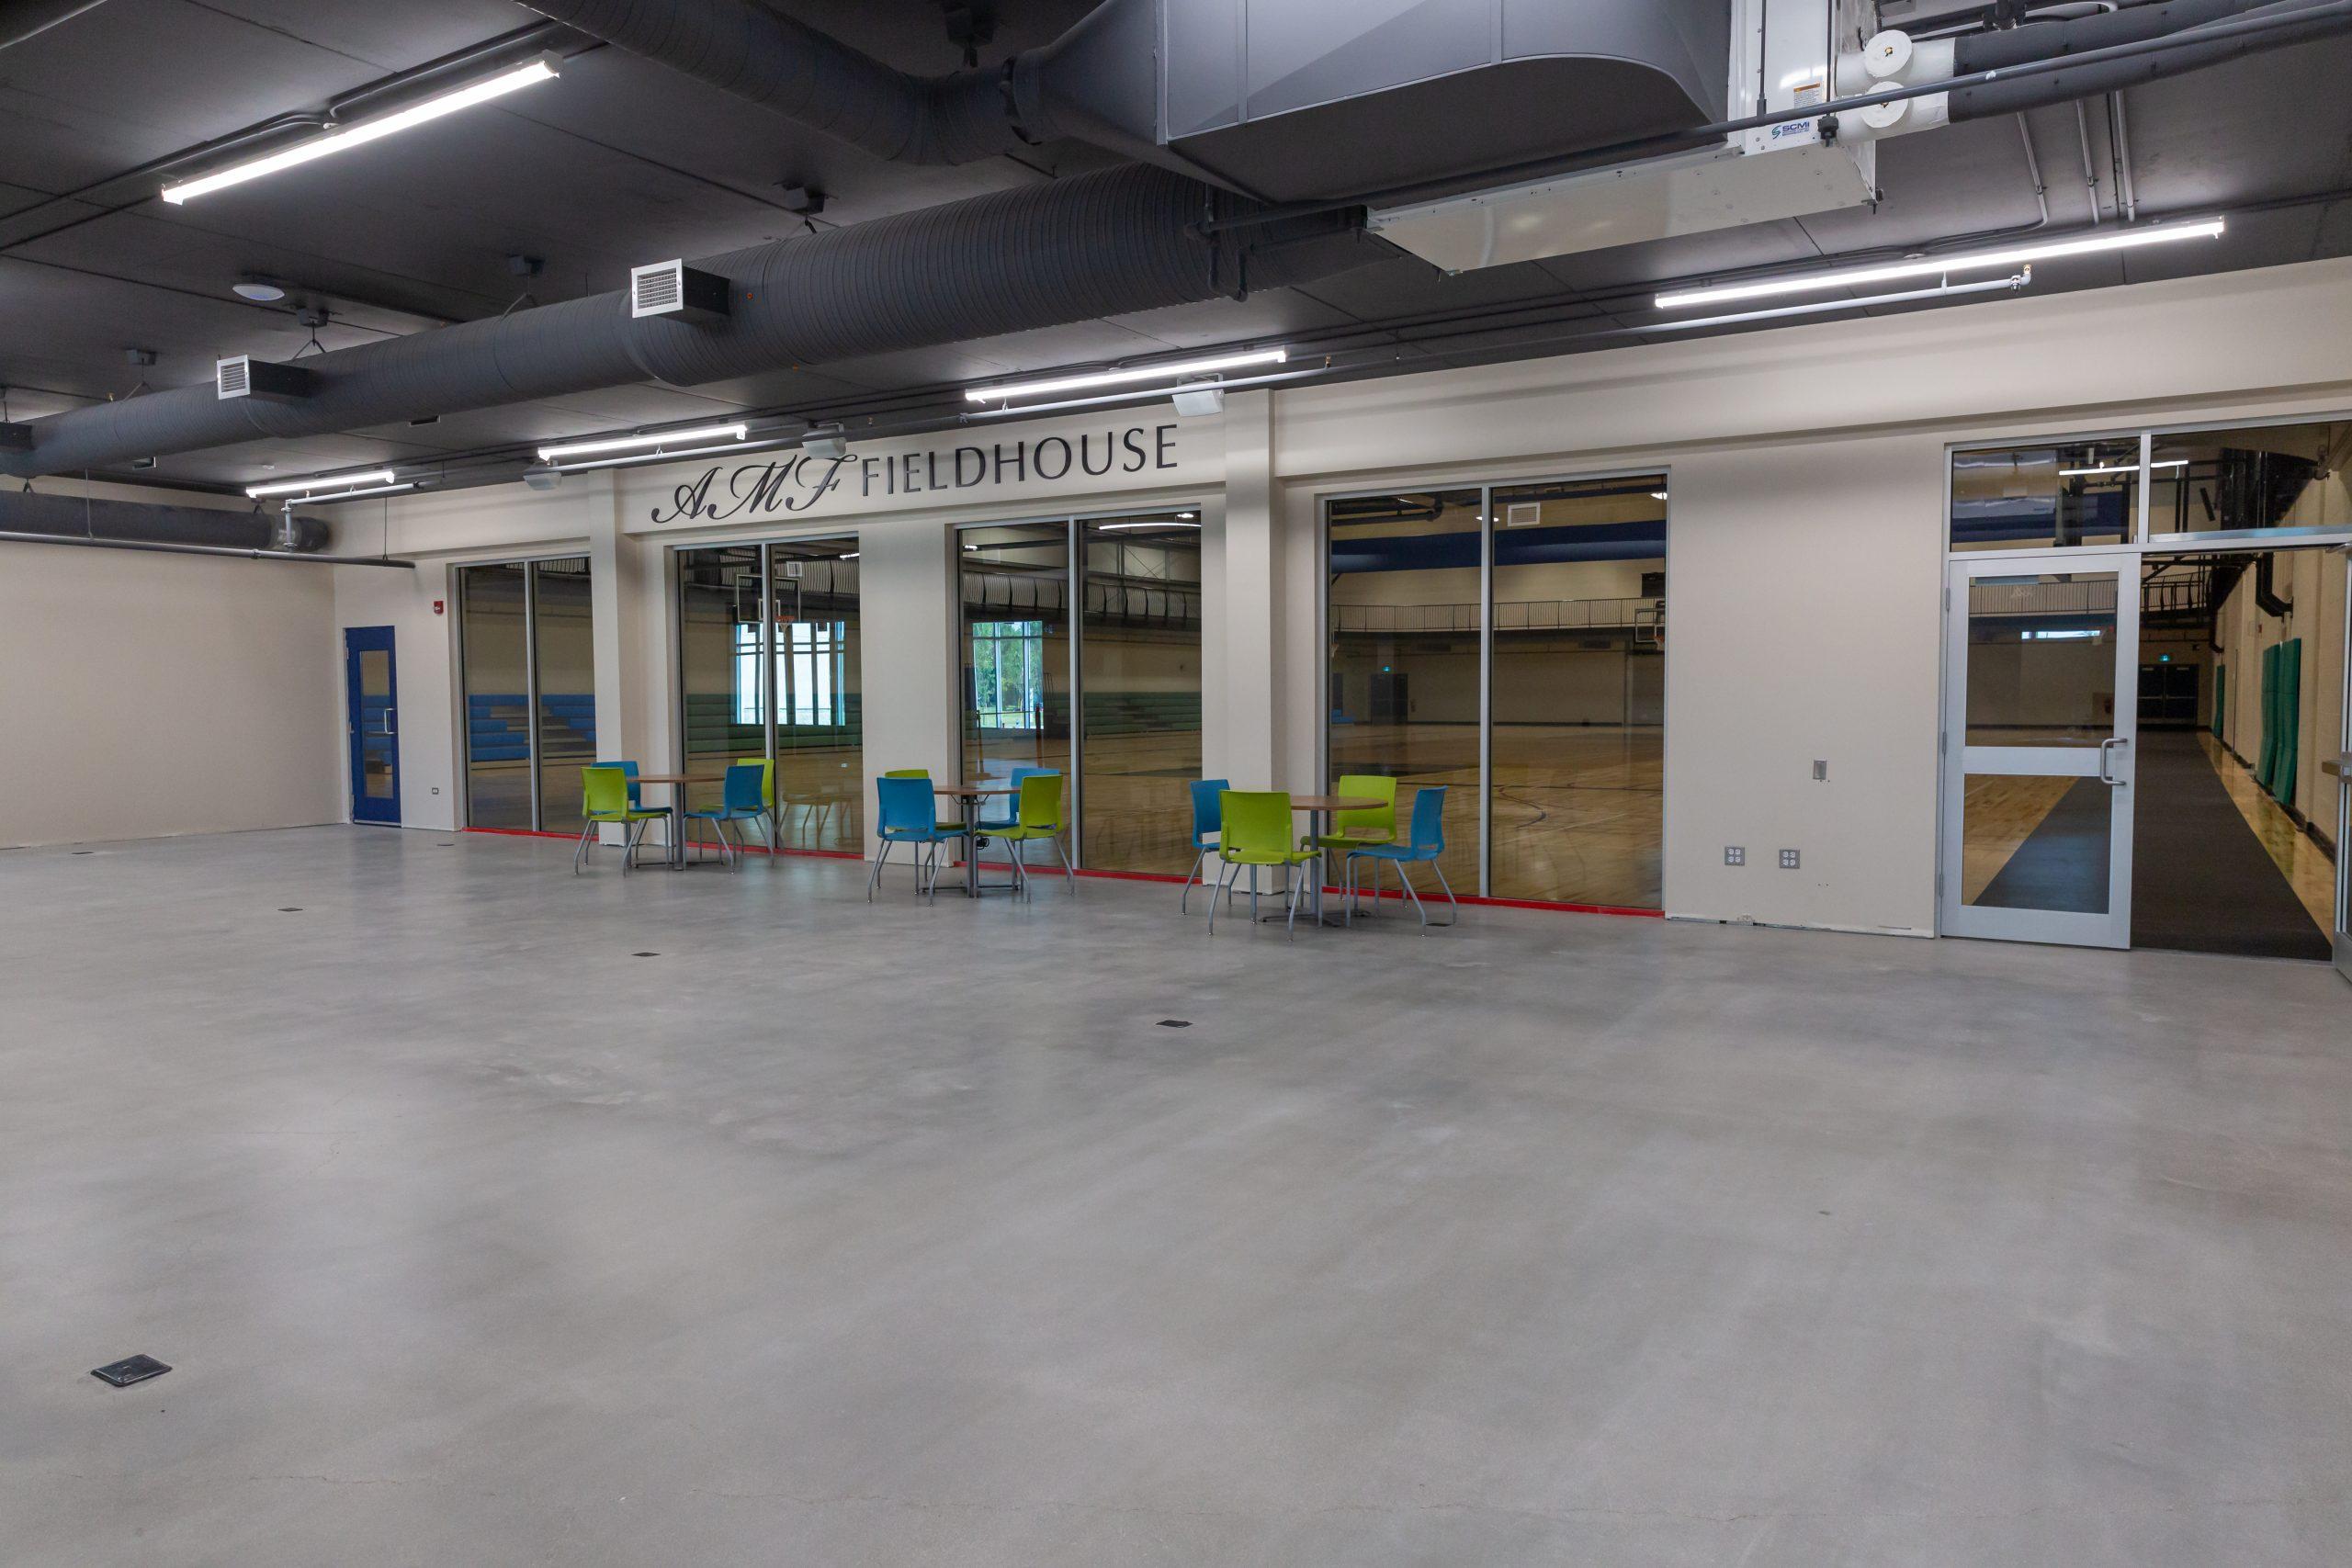 July 2021 - Fieldhouse side lobby